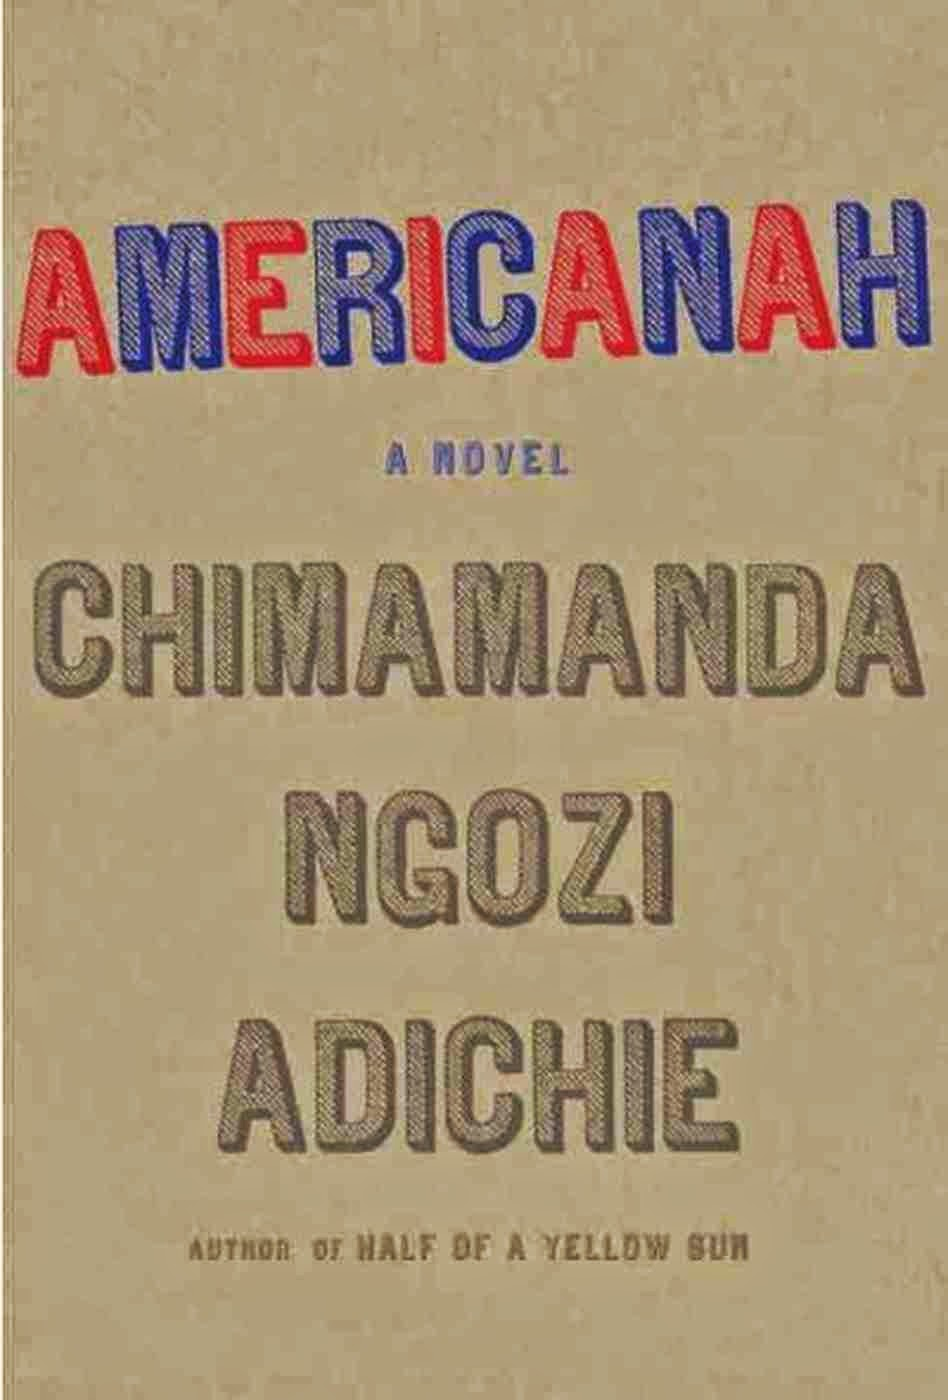 http://www.amazon.com/Americanah-Chimamanda-Ngozi-Adichie/dp/0307455920/ref=sr_1_1?s=books&ie=UTF8&qid=1420044942&sr=1-1&keywords=americanah